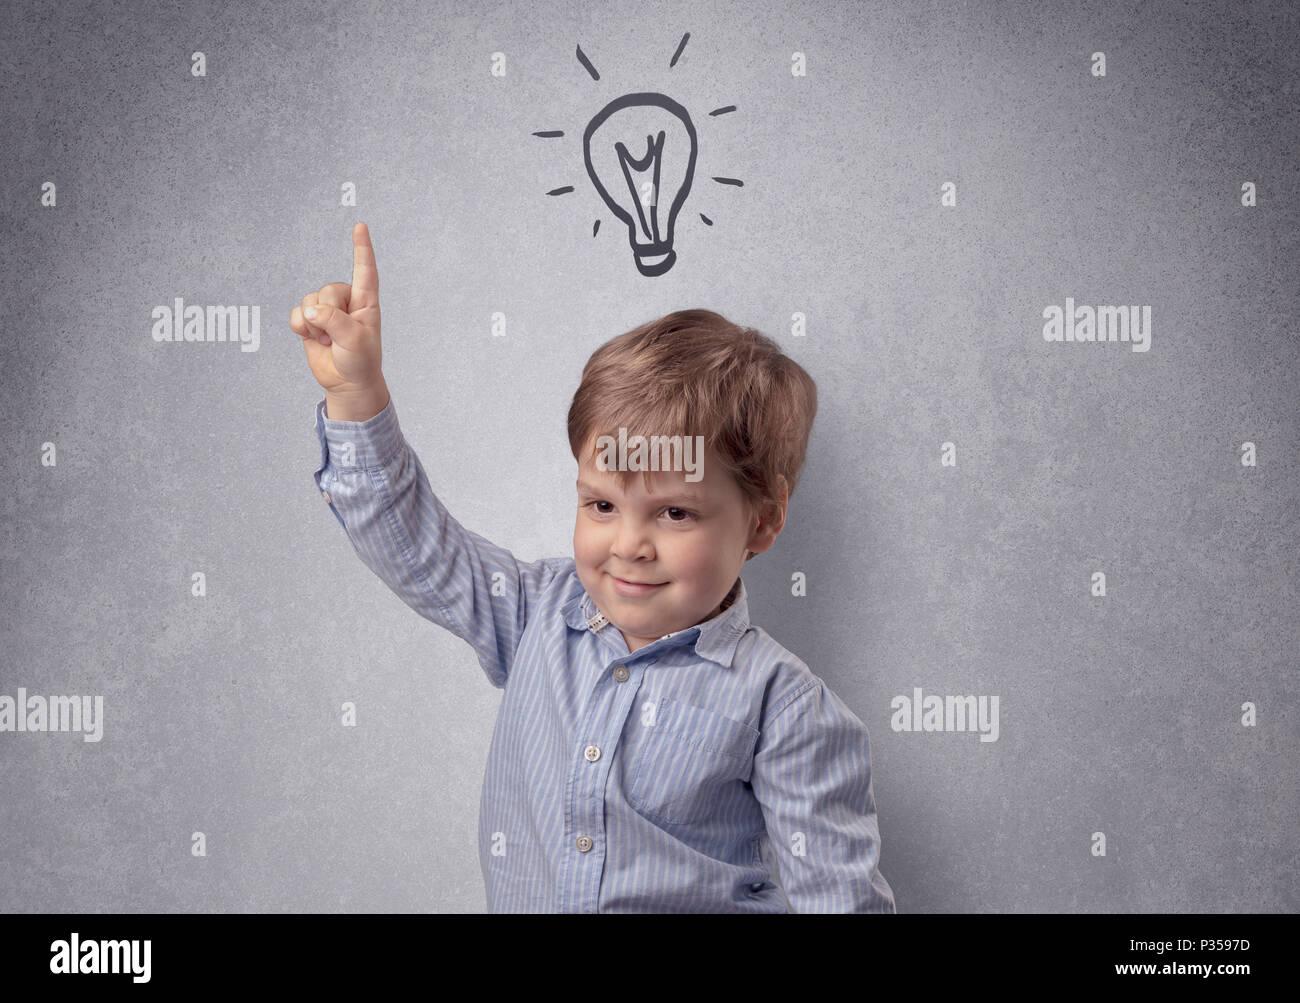 Smart little Junior vor einer grauen Wand aufgestellt mit kindlicher Konzept Stockbild